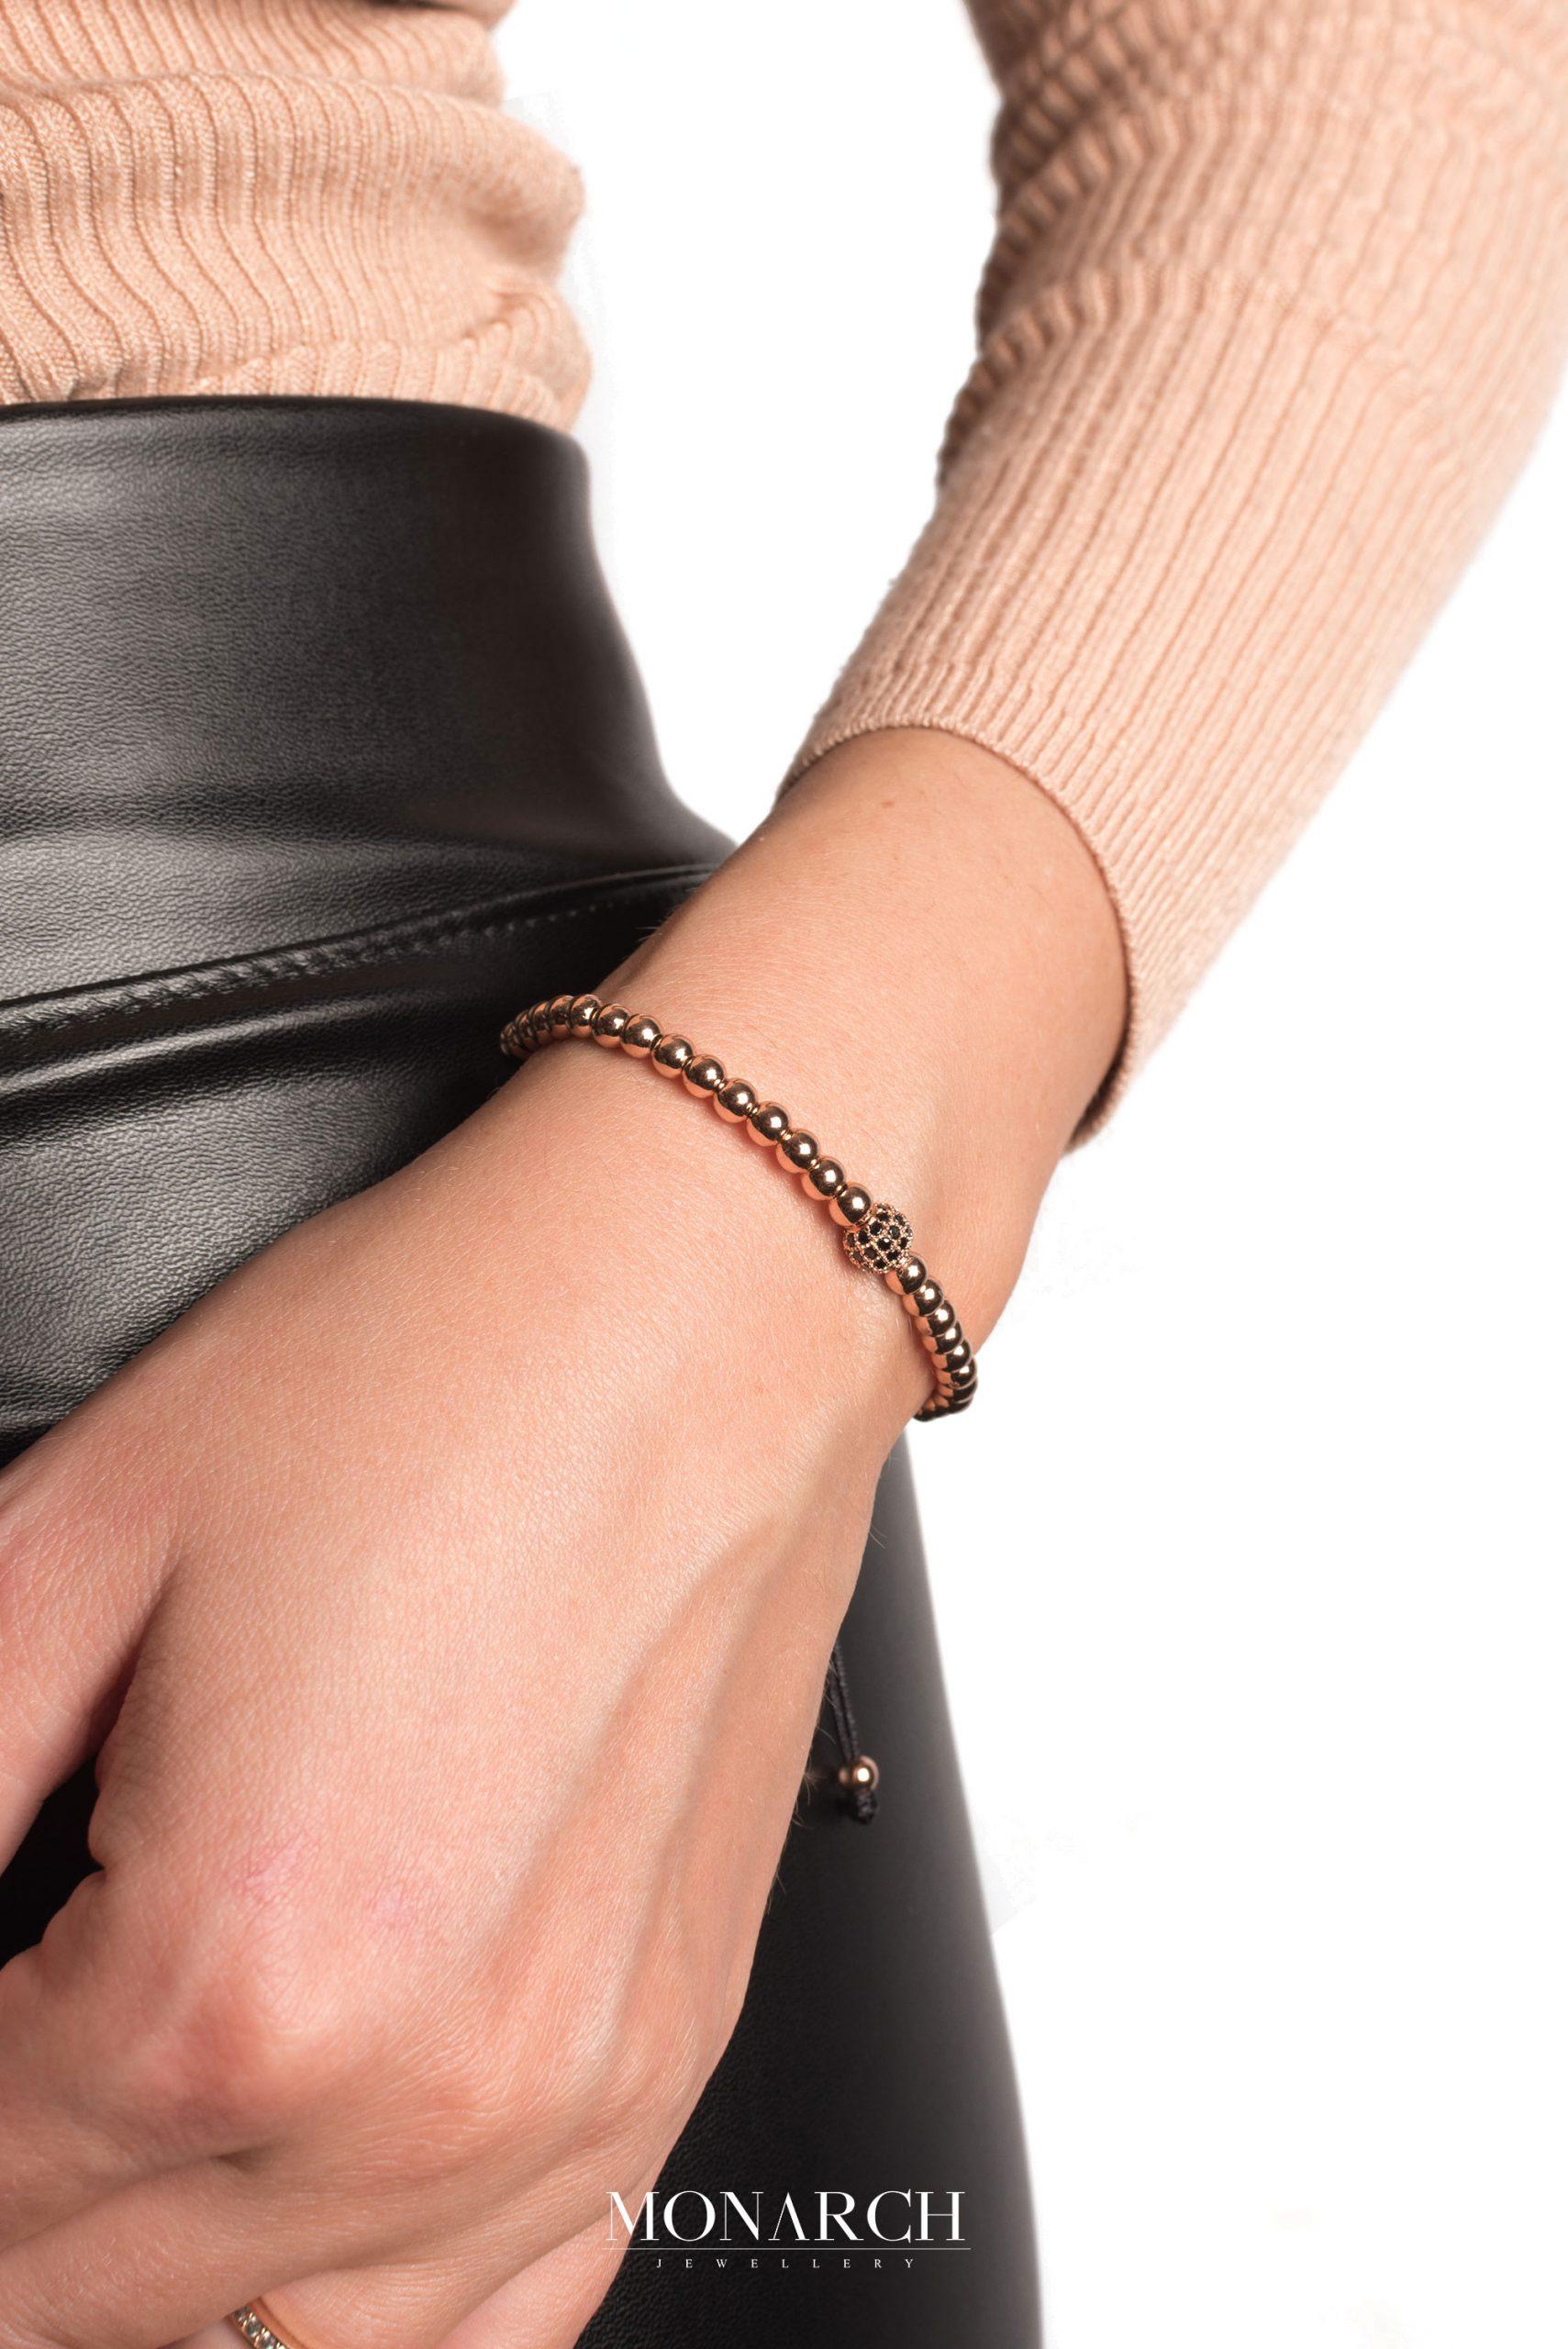 Monarch Jewellery Luxury Bracelet MA40GRBS women